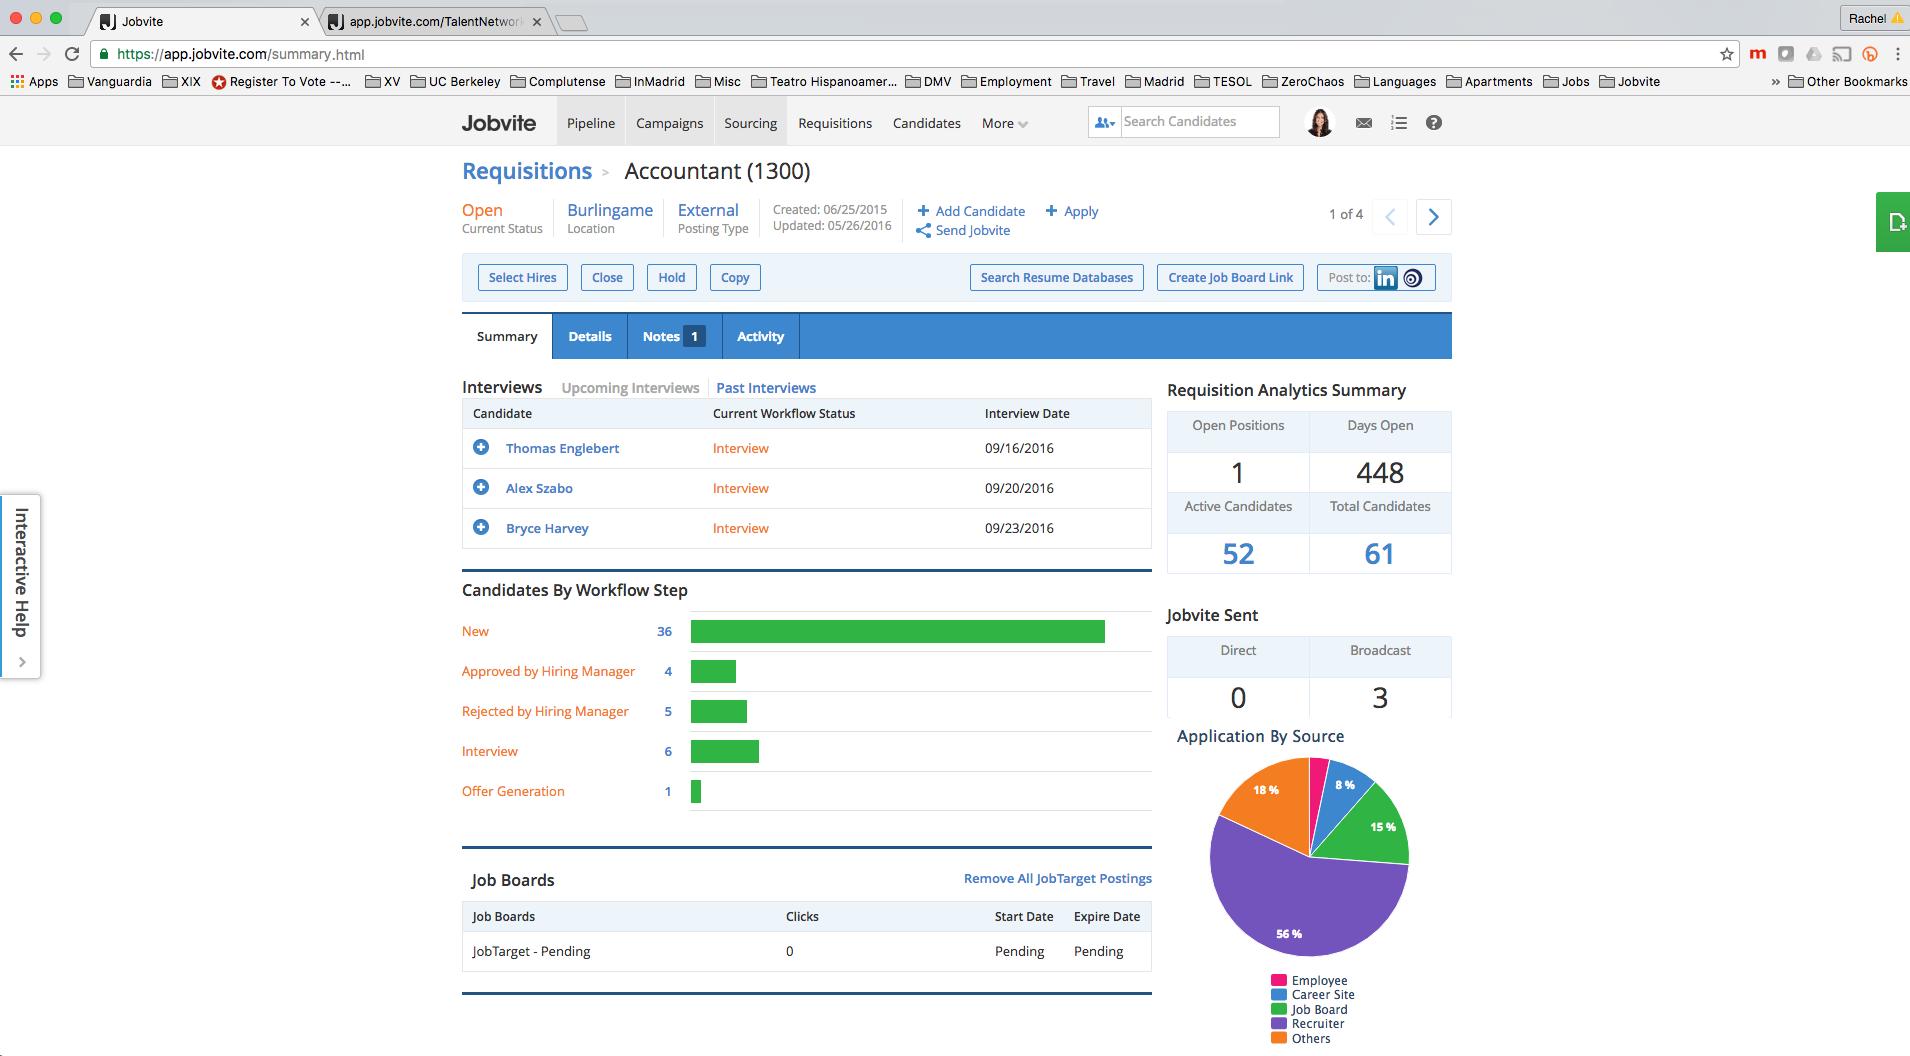 Общая информация по вакансии (проекту) в программном обеспечении для рекрутеров Jobvite